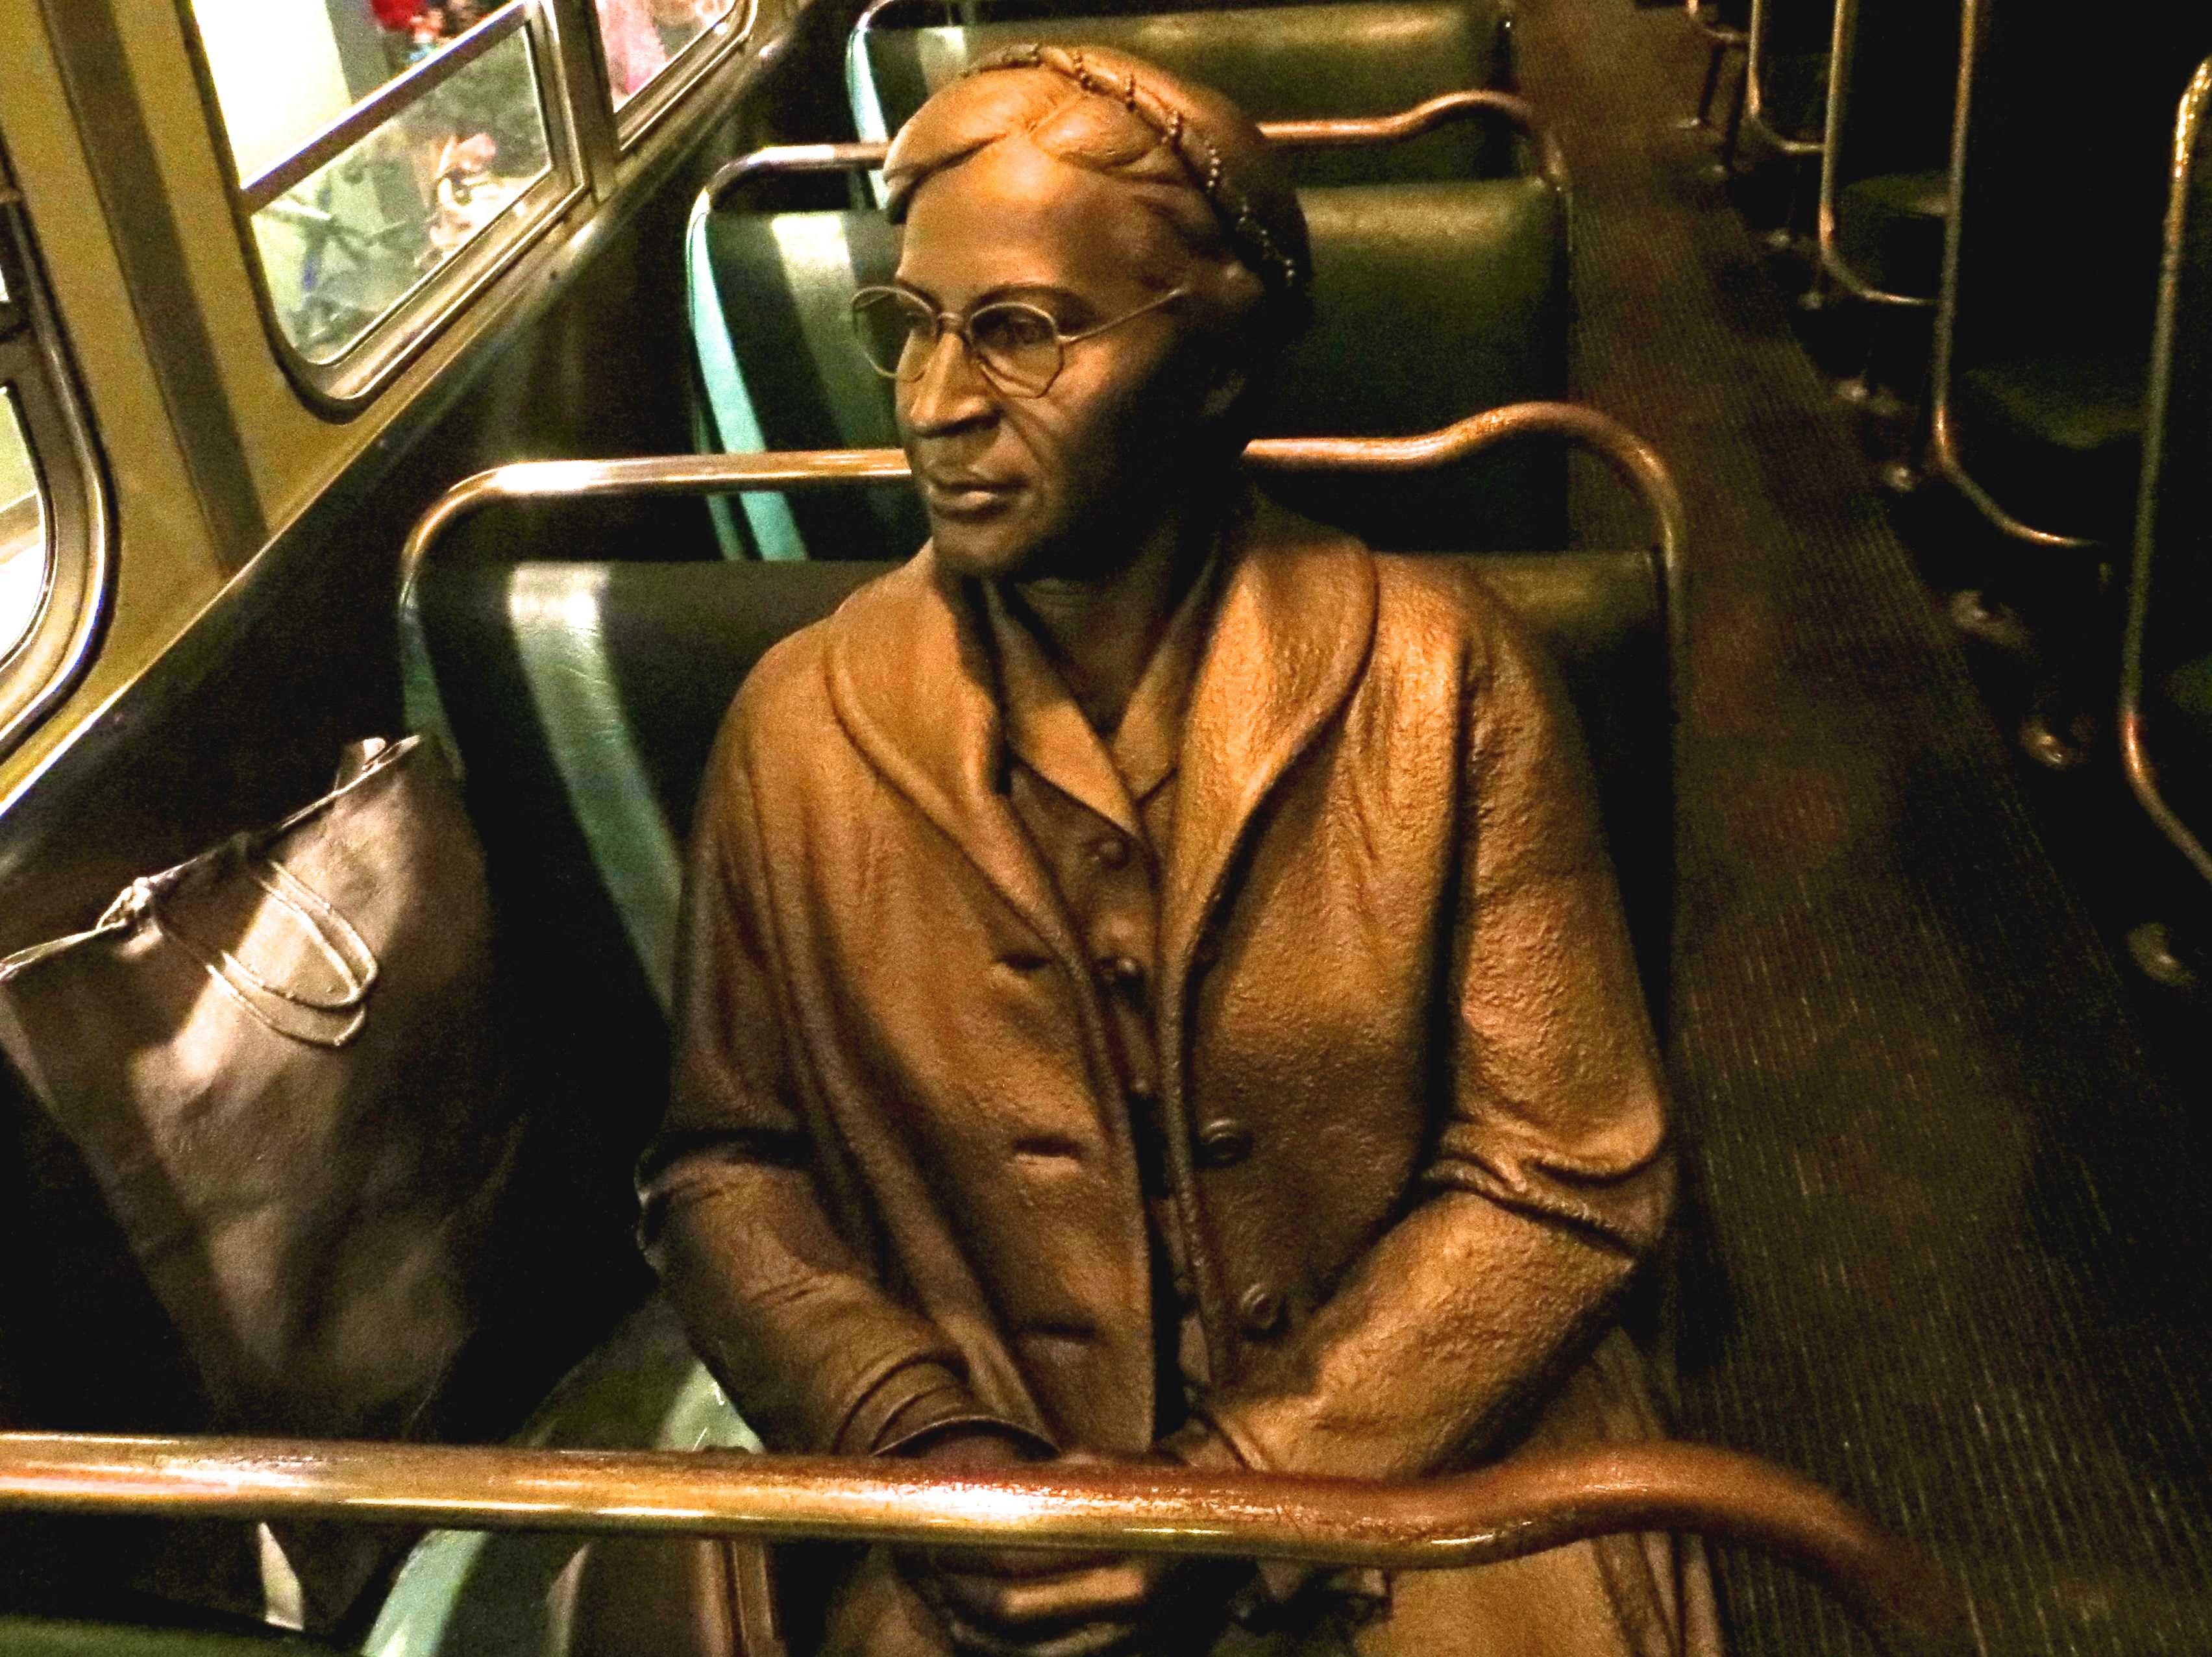 Rosa Parks Statute; Image by Lieske Leunissen-Ritzen